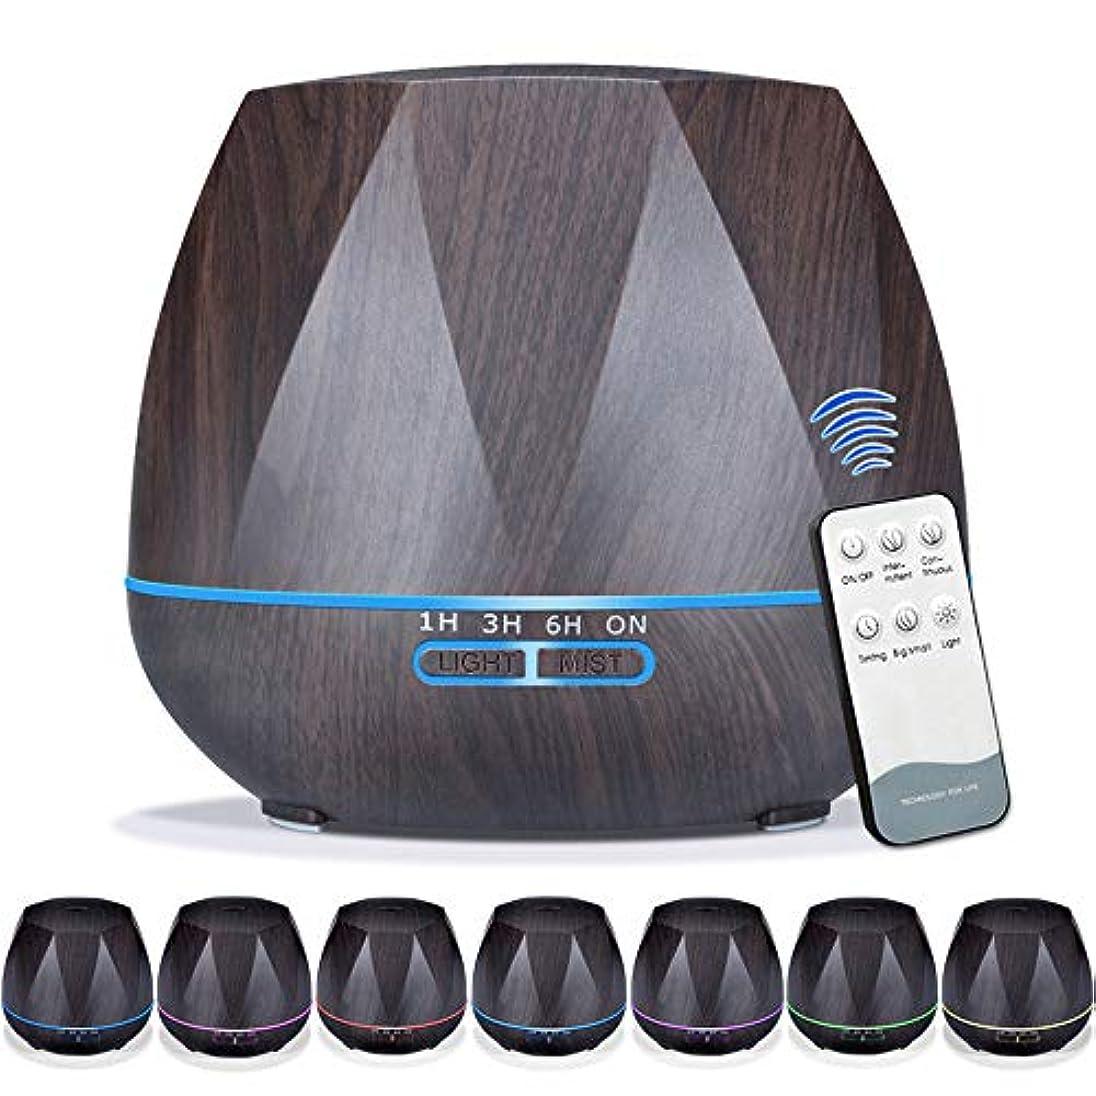 シットコム反毒嬉しいです550mlエッセンシャルオイルディフューザー5に1アロマセラピー超音波クールミスト加湿器ルーム空気香りホームオフィスギフト用,EUplug